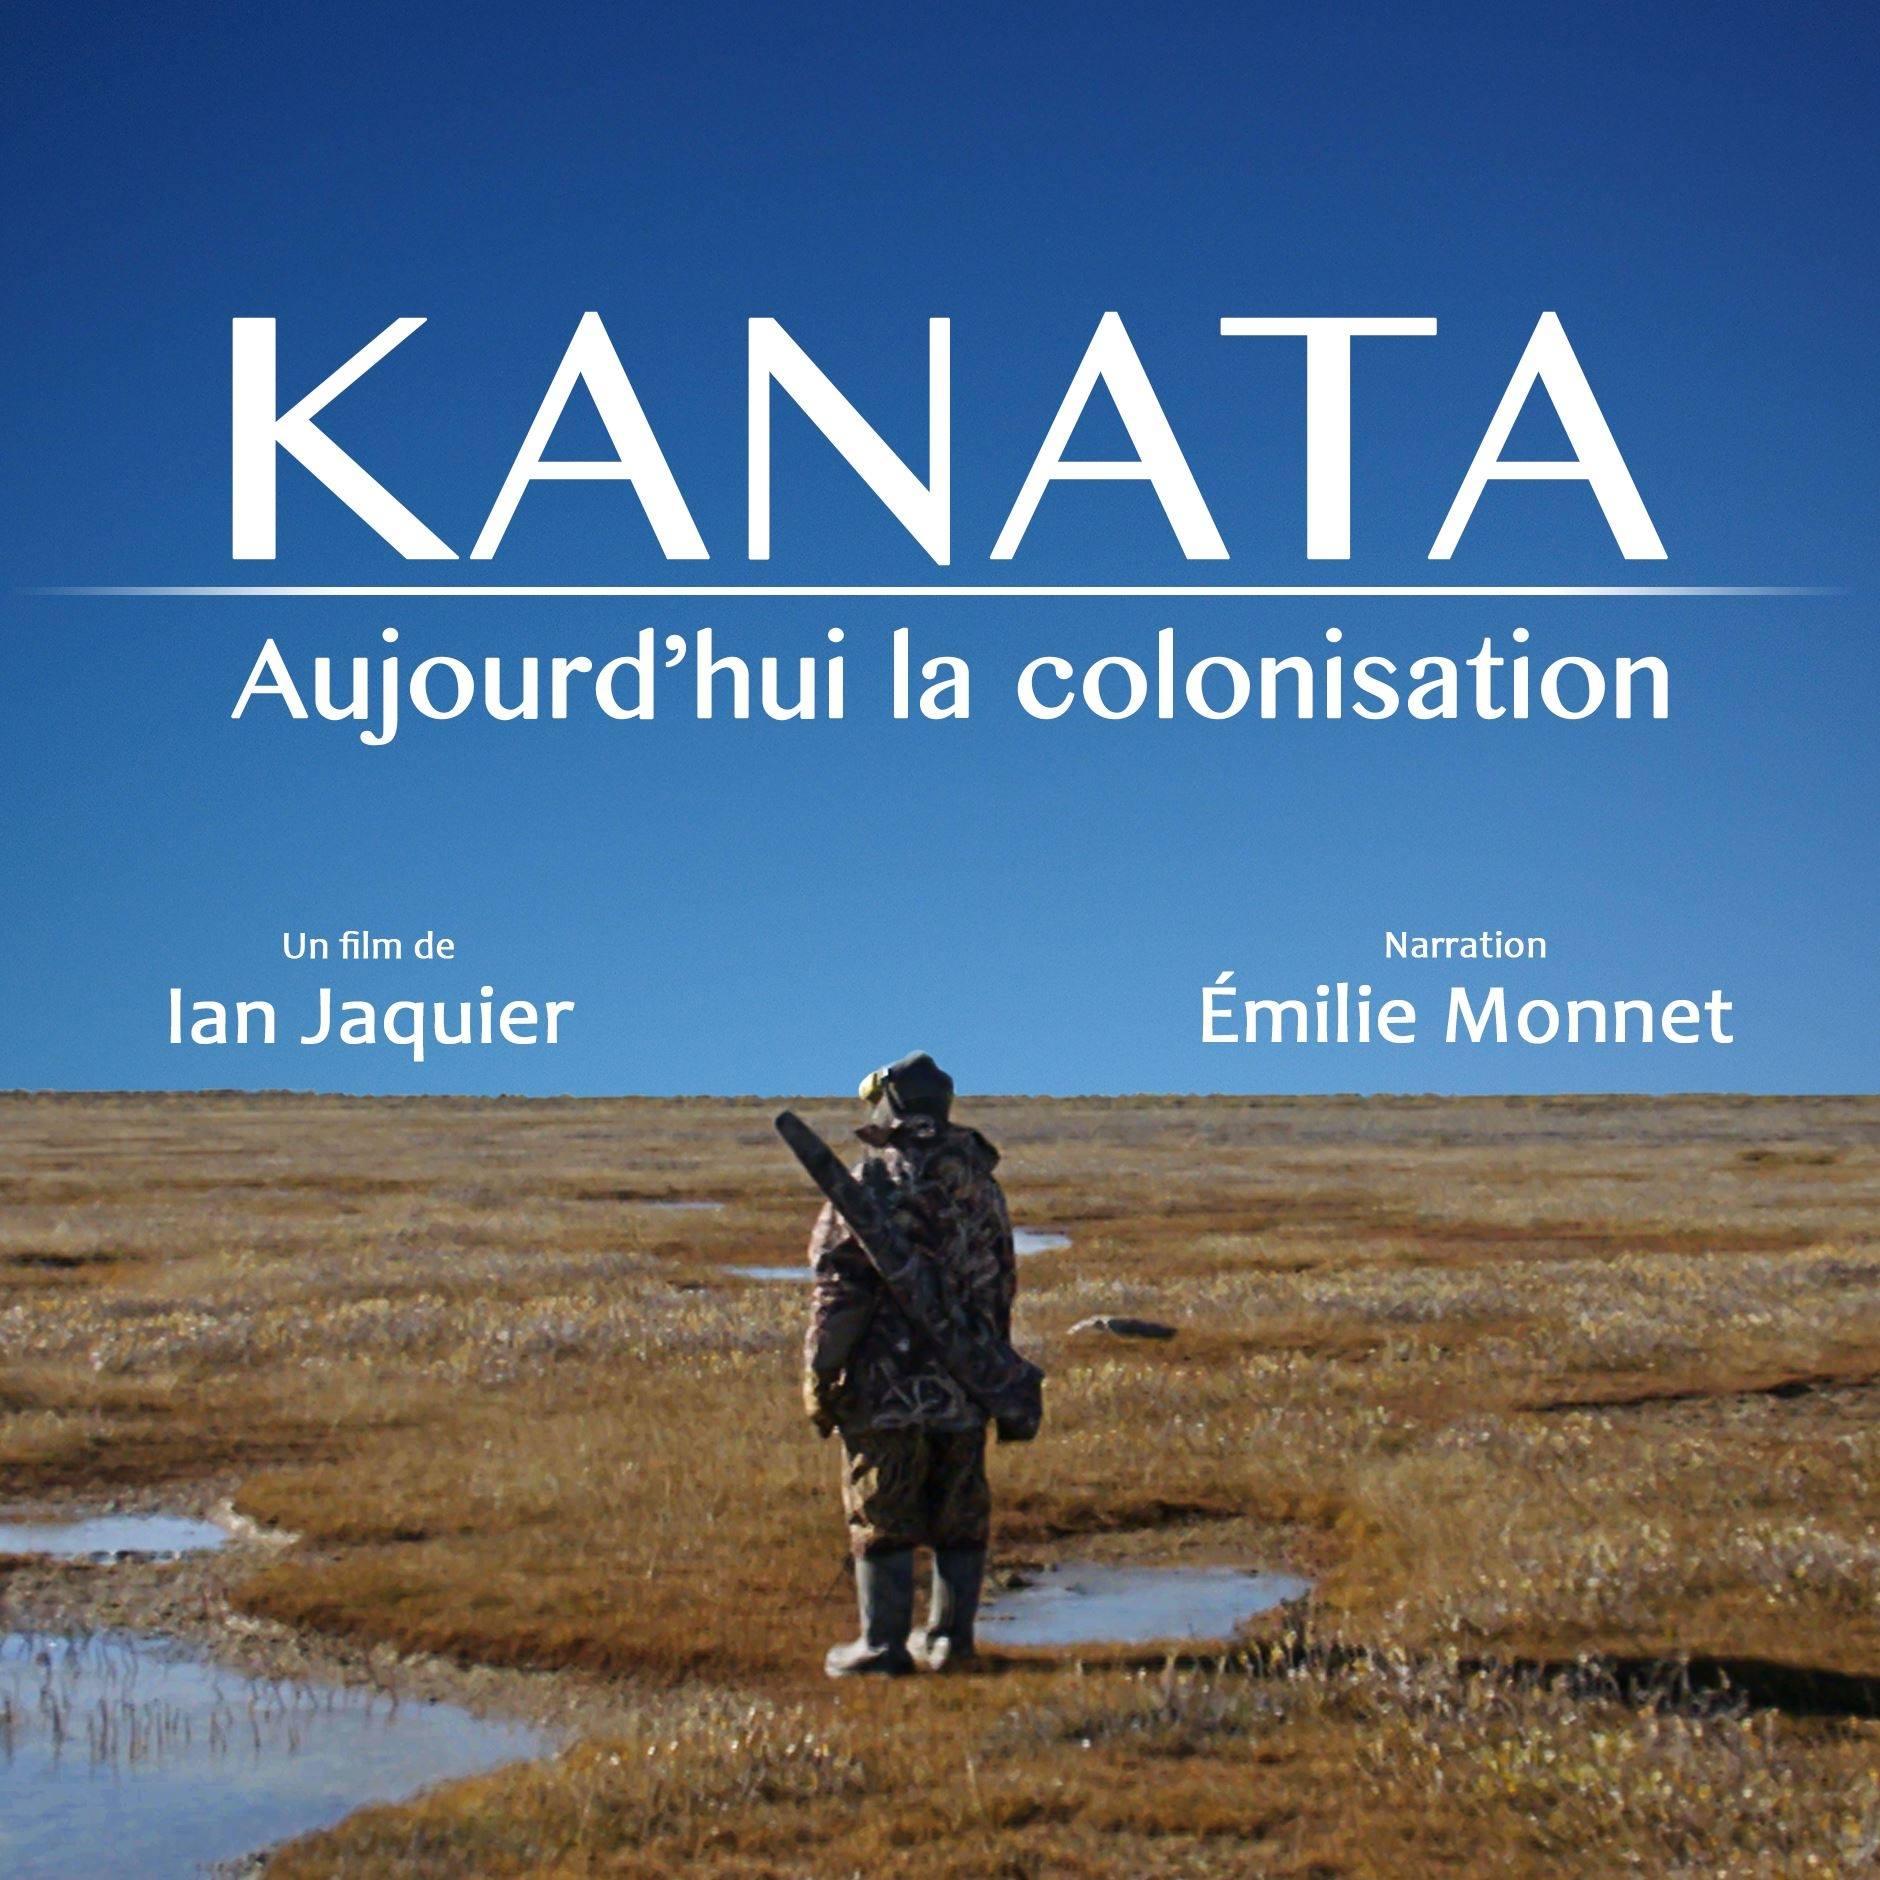 KANATA - Aujourd'hui la colonisation, aux Grands reportages de ICI RDI